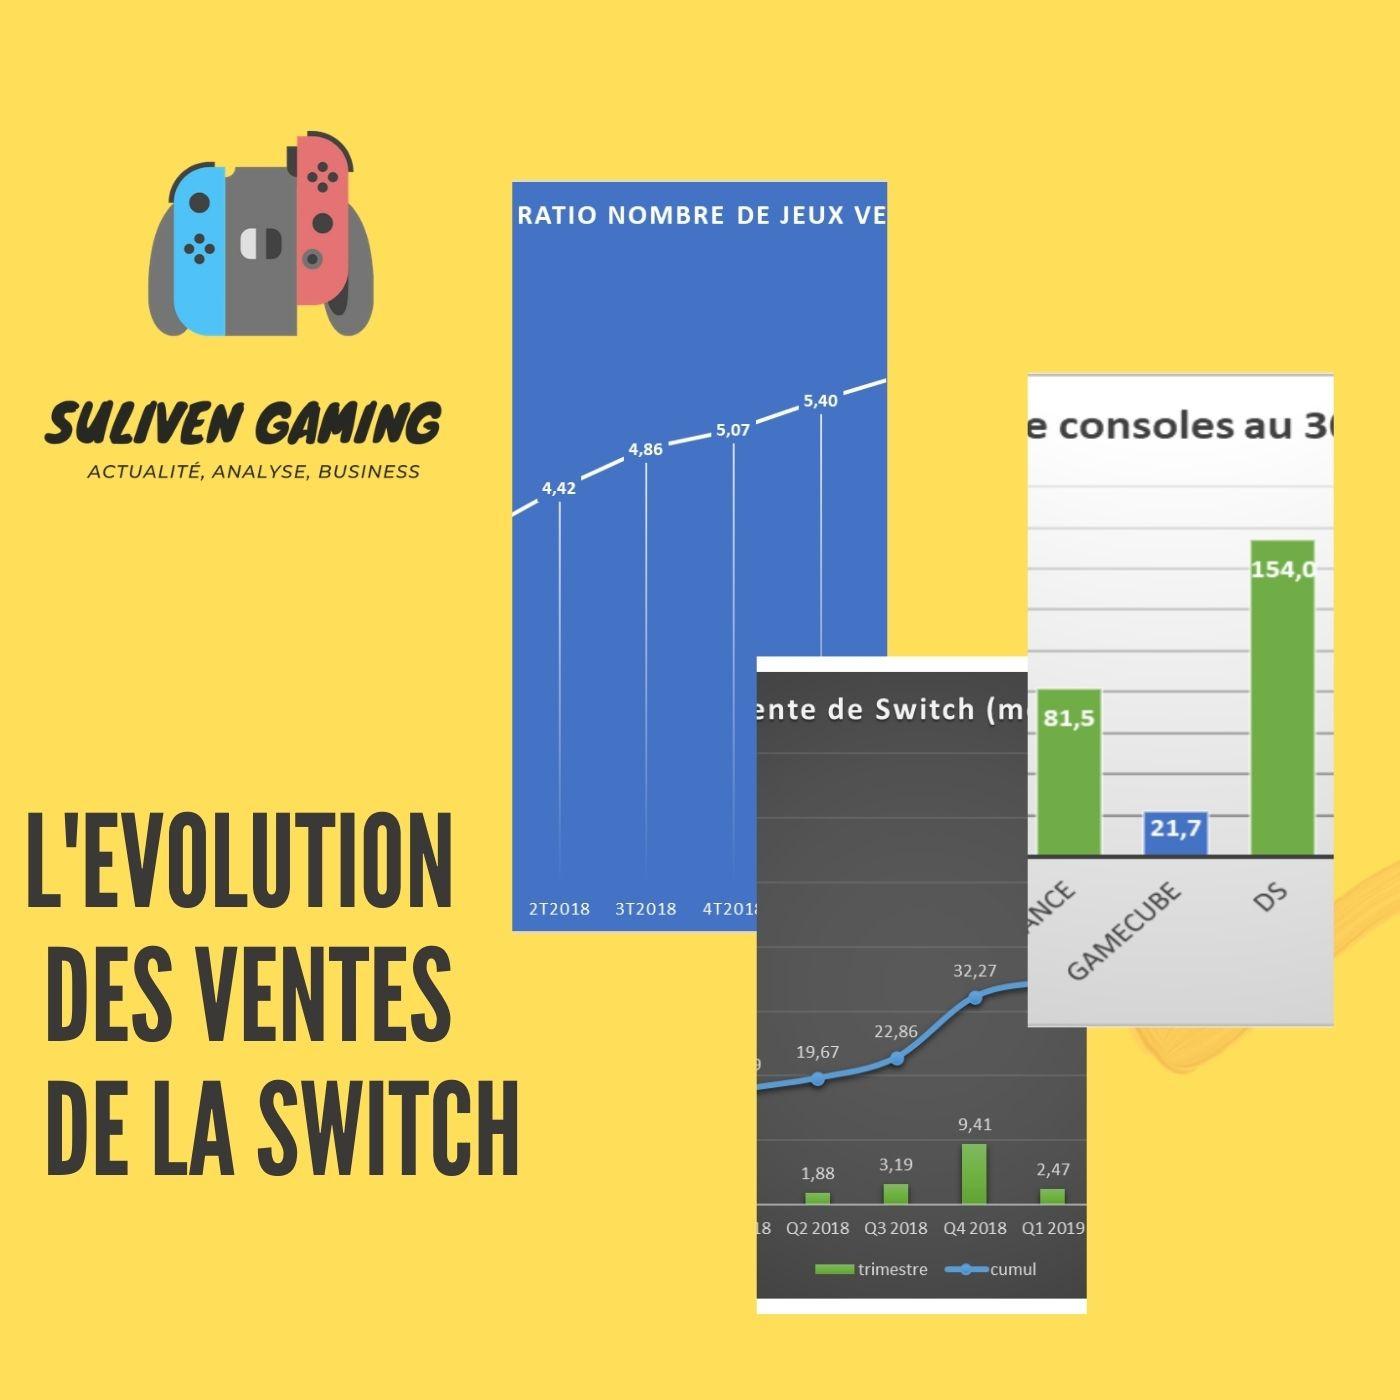 L'Évolution des ventes de la Switch